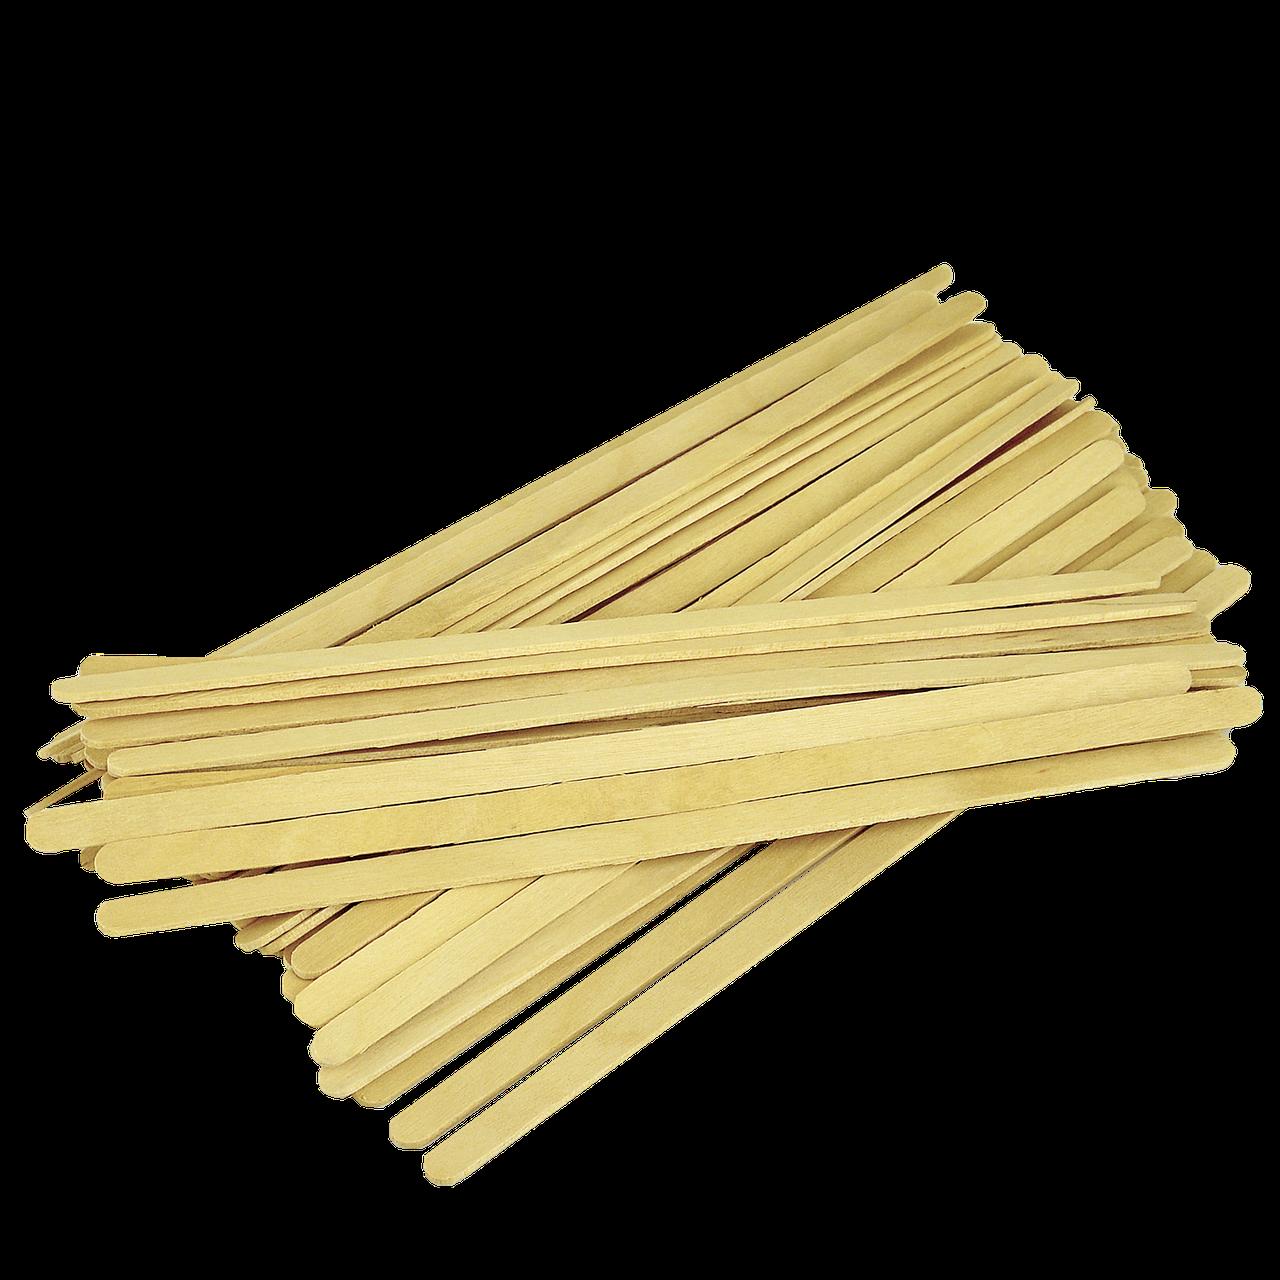 Мешалка деревянная 140мм (упаковка 800шт)